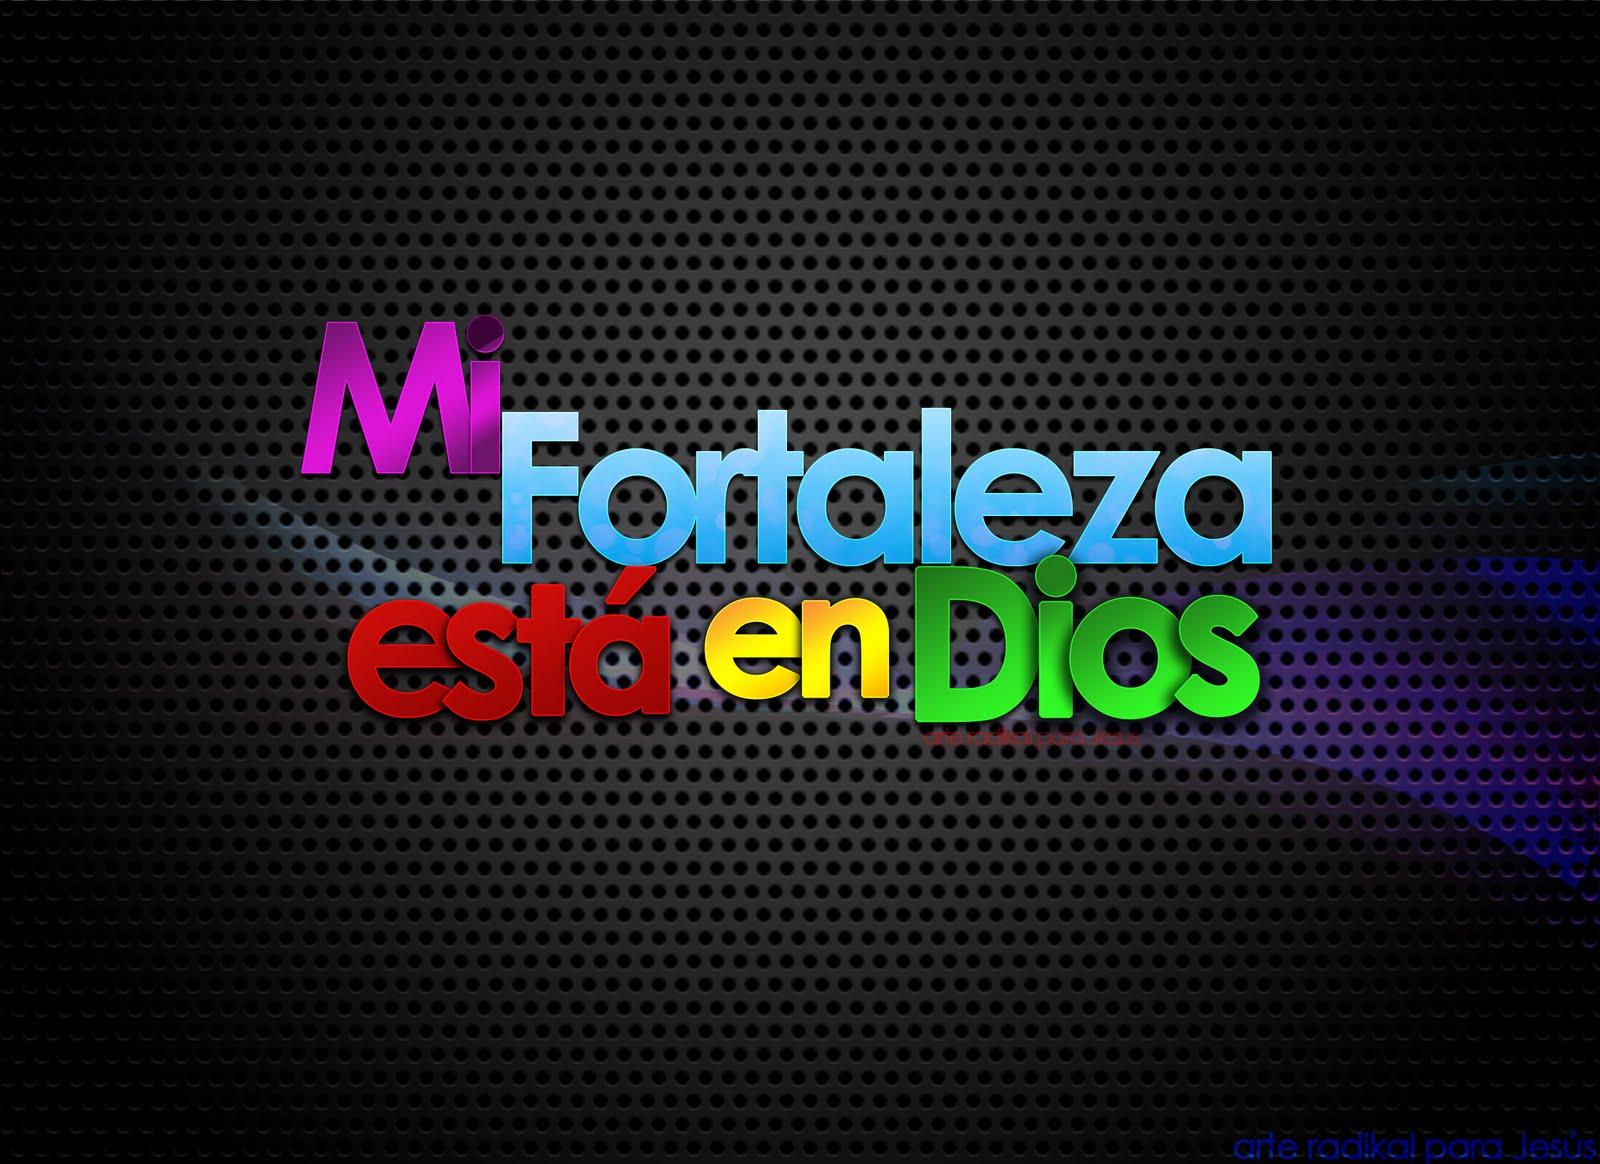 http://3.bp.blogspot.com/_0c2Qp7KnlVU/TNNfDWfICFI/AAAAAAAABEI/tD1etf-wcN8/s1600/Mi+fortaleza+esta+en+Dios.jpg